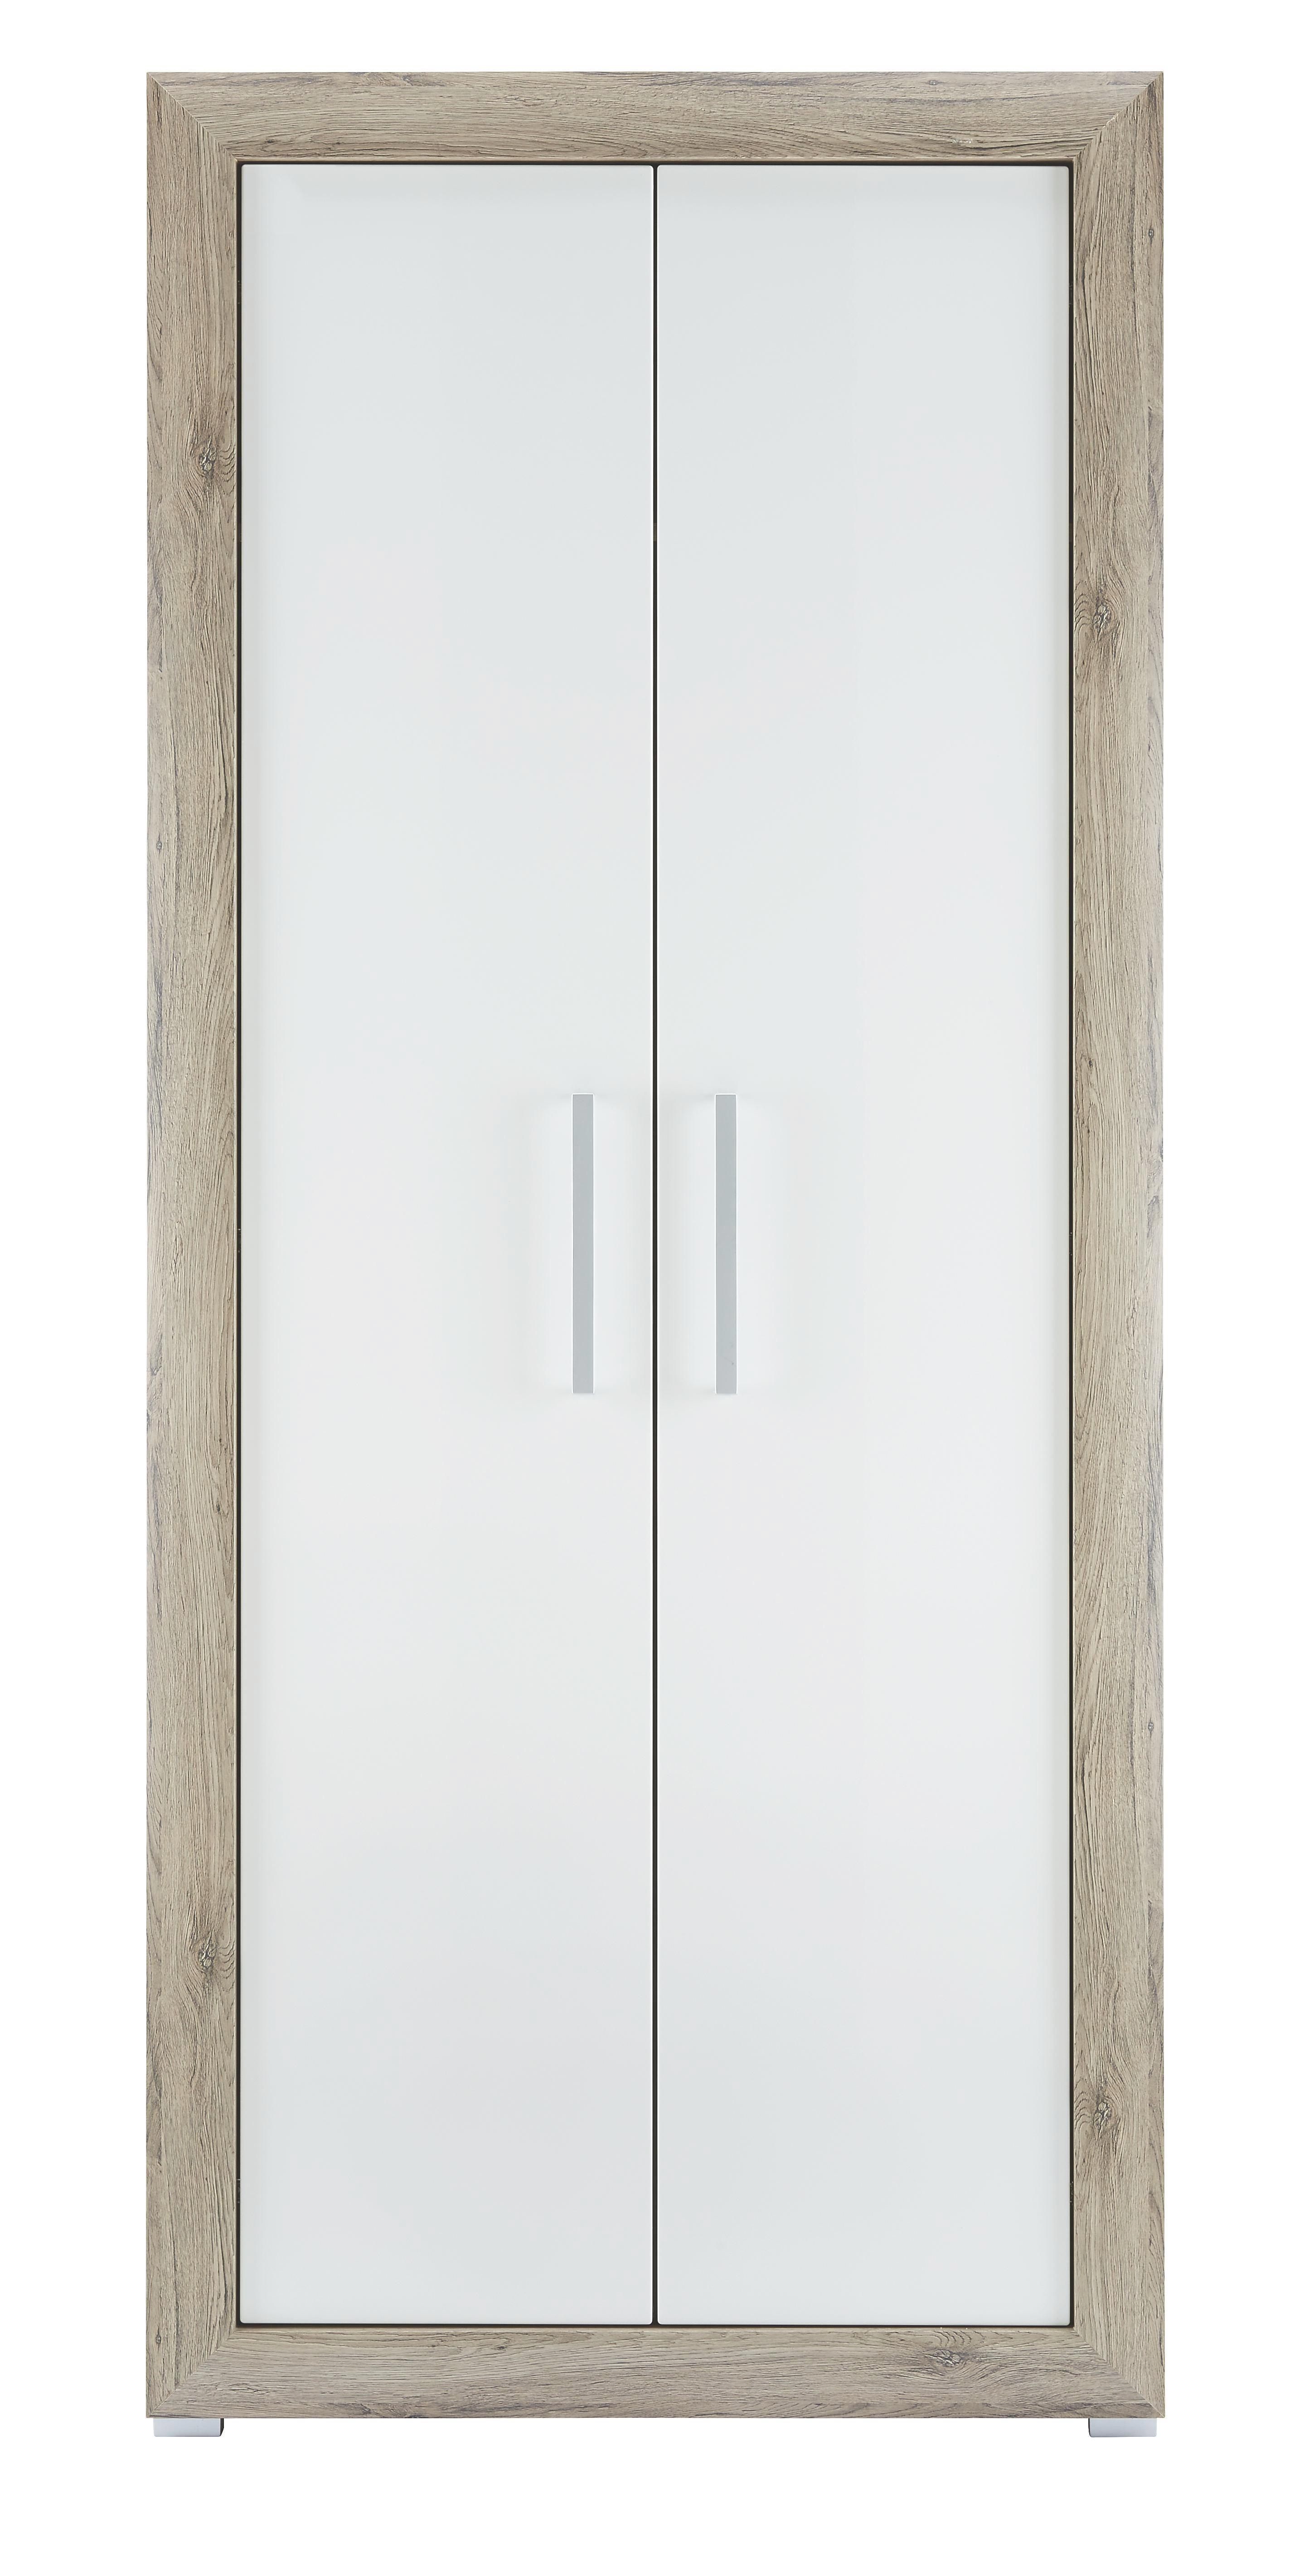 Kleiderschrank weiß hochglanz  Kleiderschrank in Eiche/Weiß Hochglanz online kaufen ➤ mömax